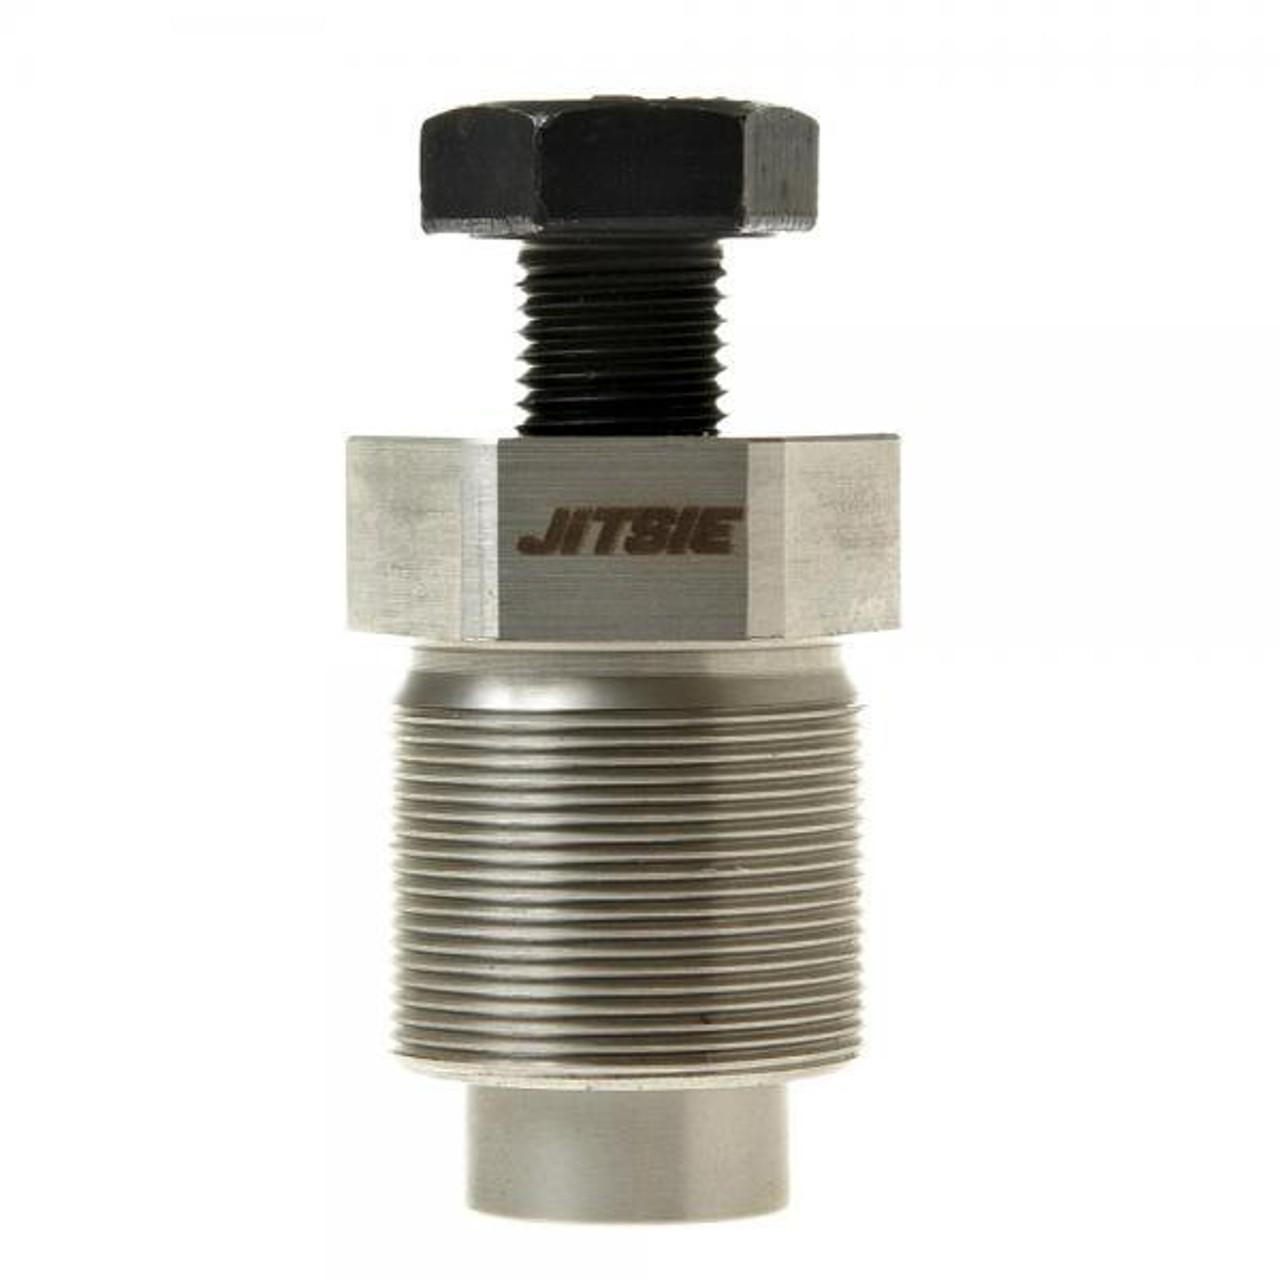 Flywheel puller for GasGas/ Ossa